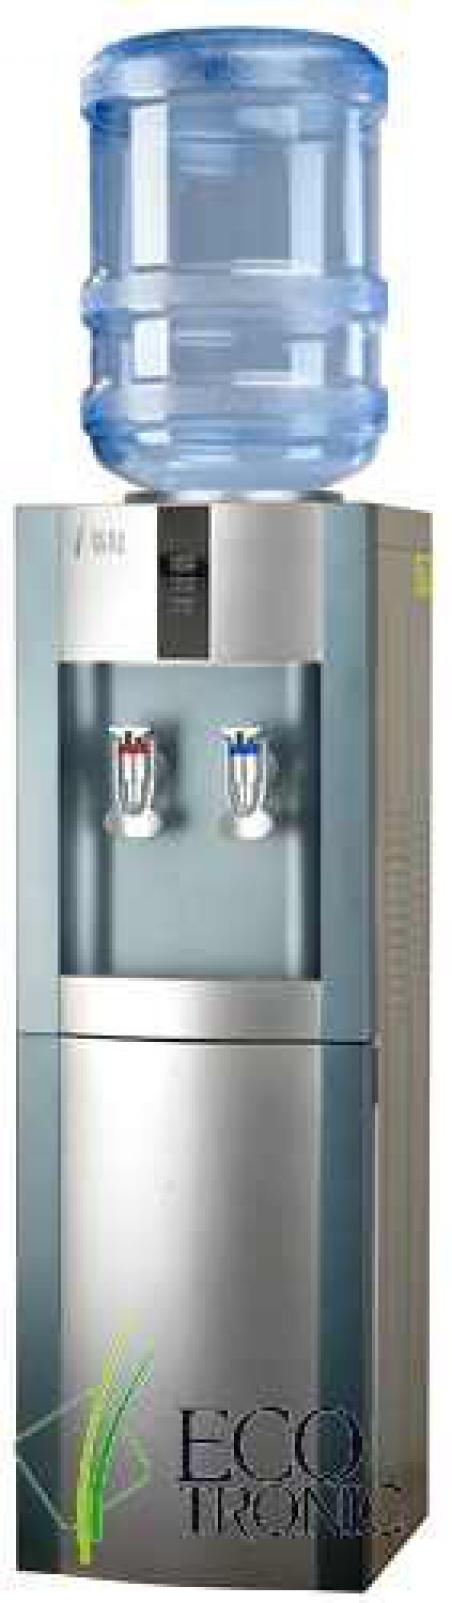 Кулер для воды Ecotronic H1-LC - 71